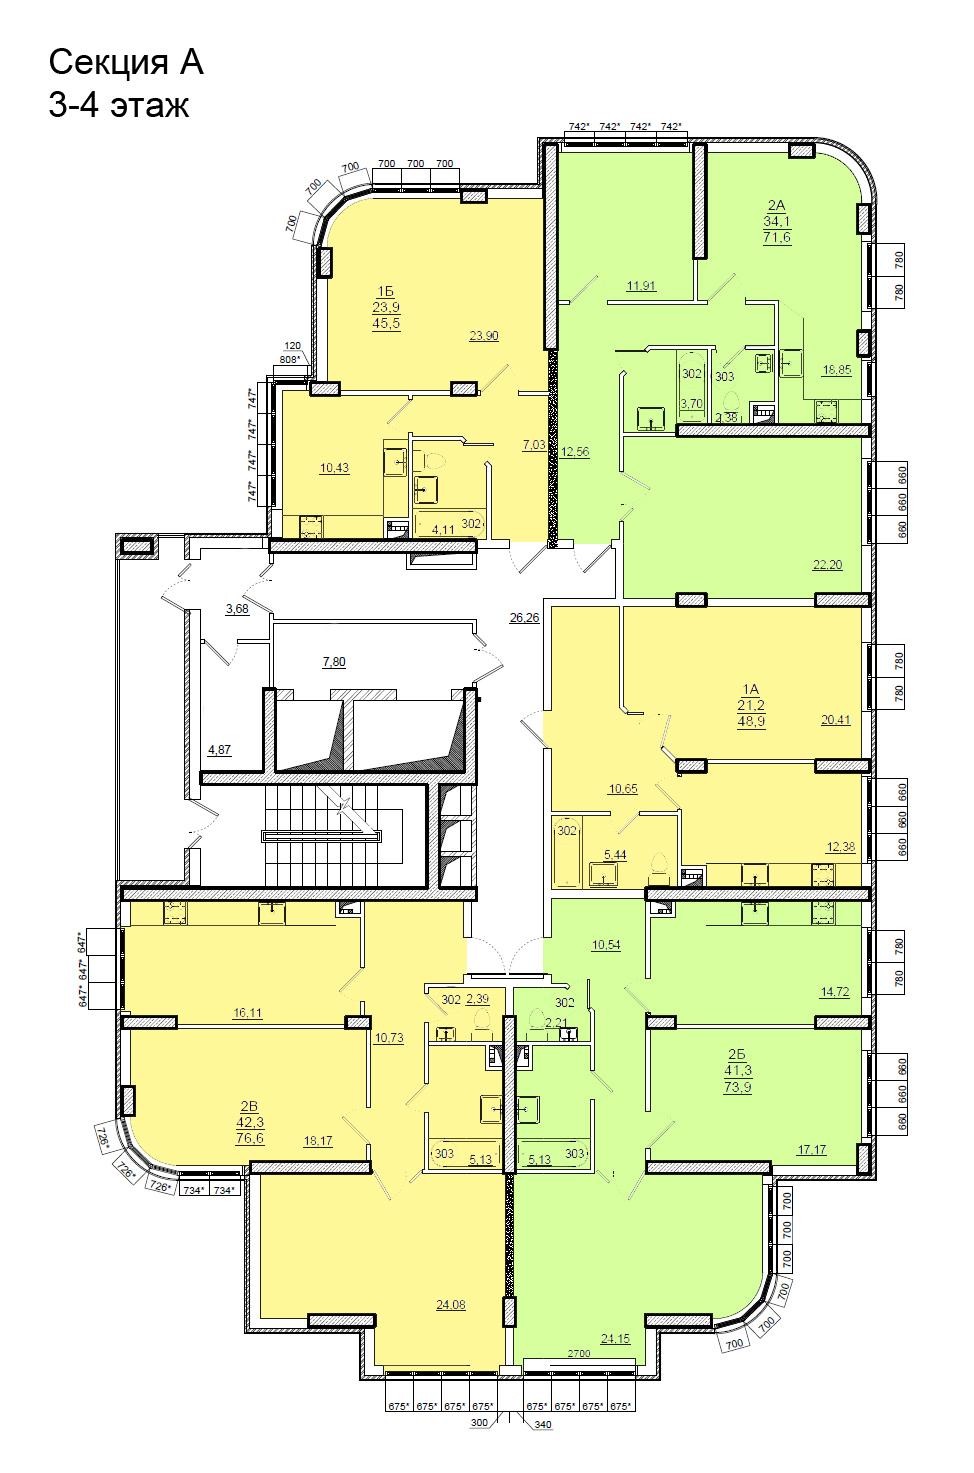 Планировки ЖК Люксембург Стикон секция А, этаж 3-4